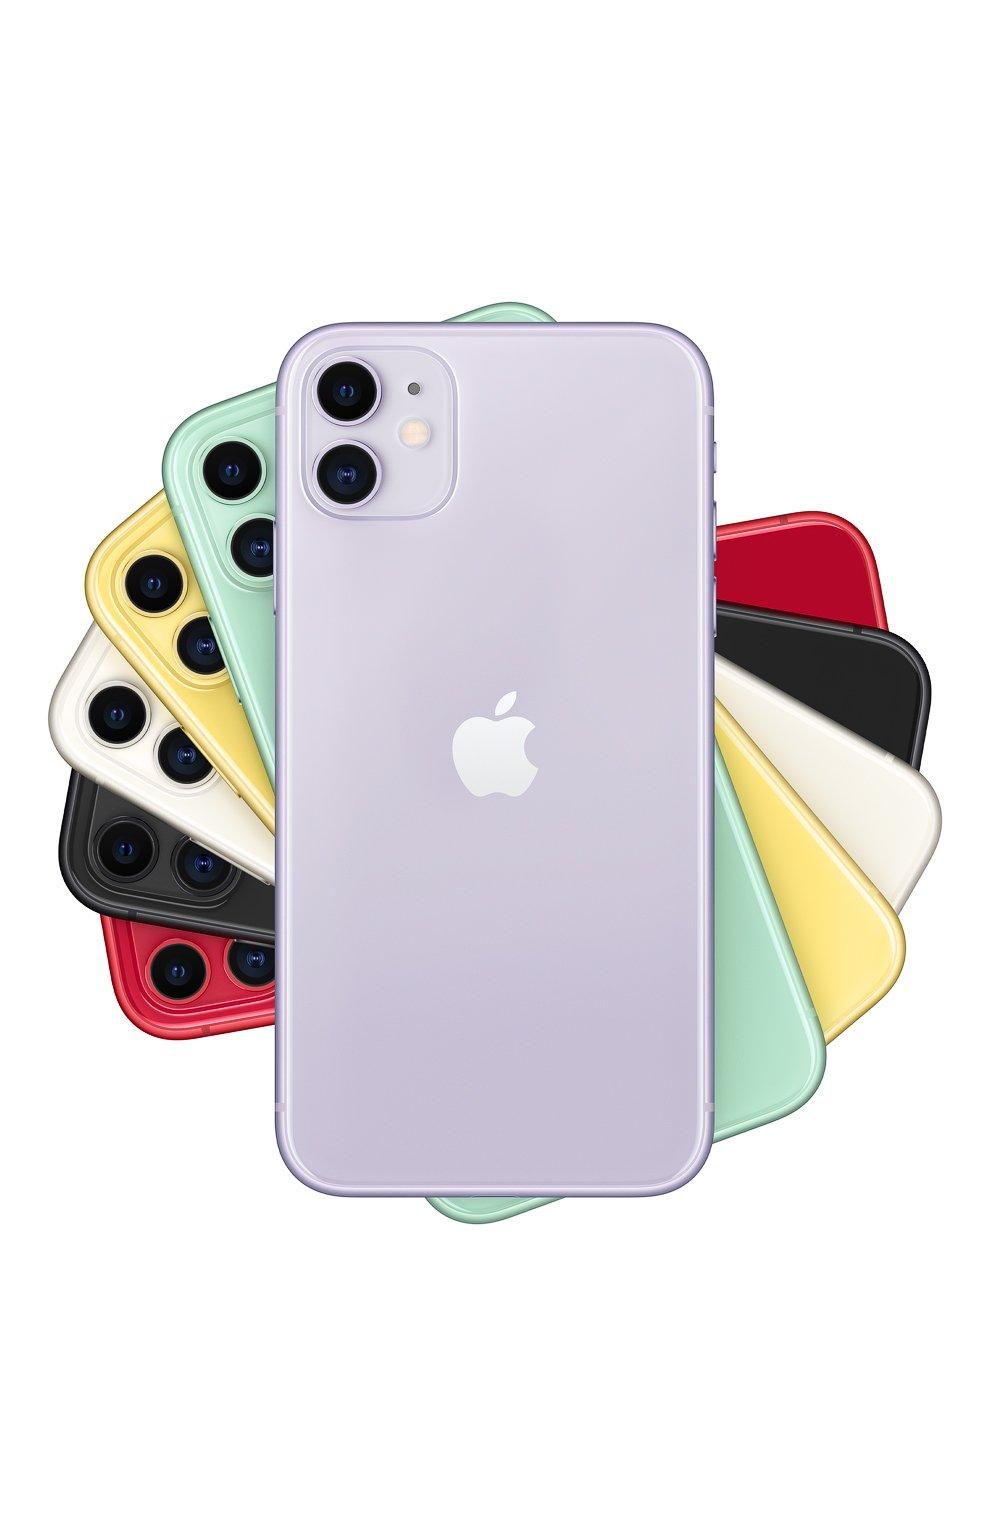 Мужской iphone 11 128gb purple APPLE  purple цвета, арт. MWM52RU/A | Фото 1